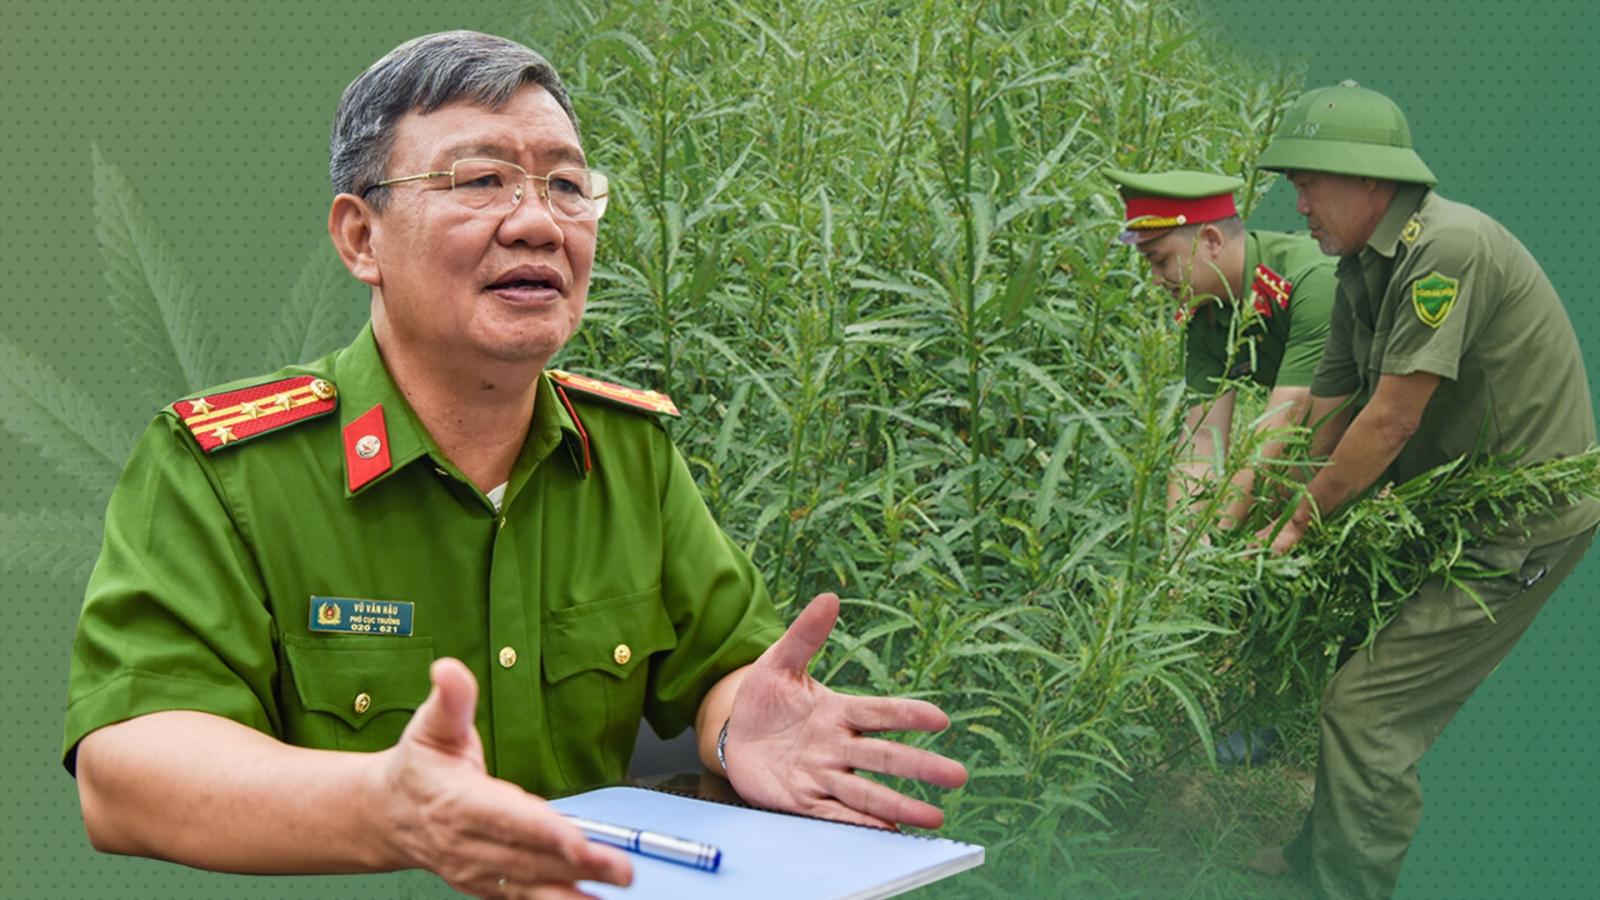 Trồng cần sa trong vườn ngay giữa Hà Nội: Luật pháp chưa đủ sức răn đe?